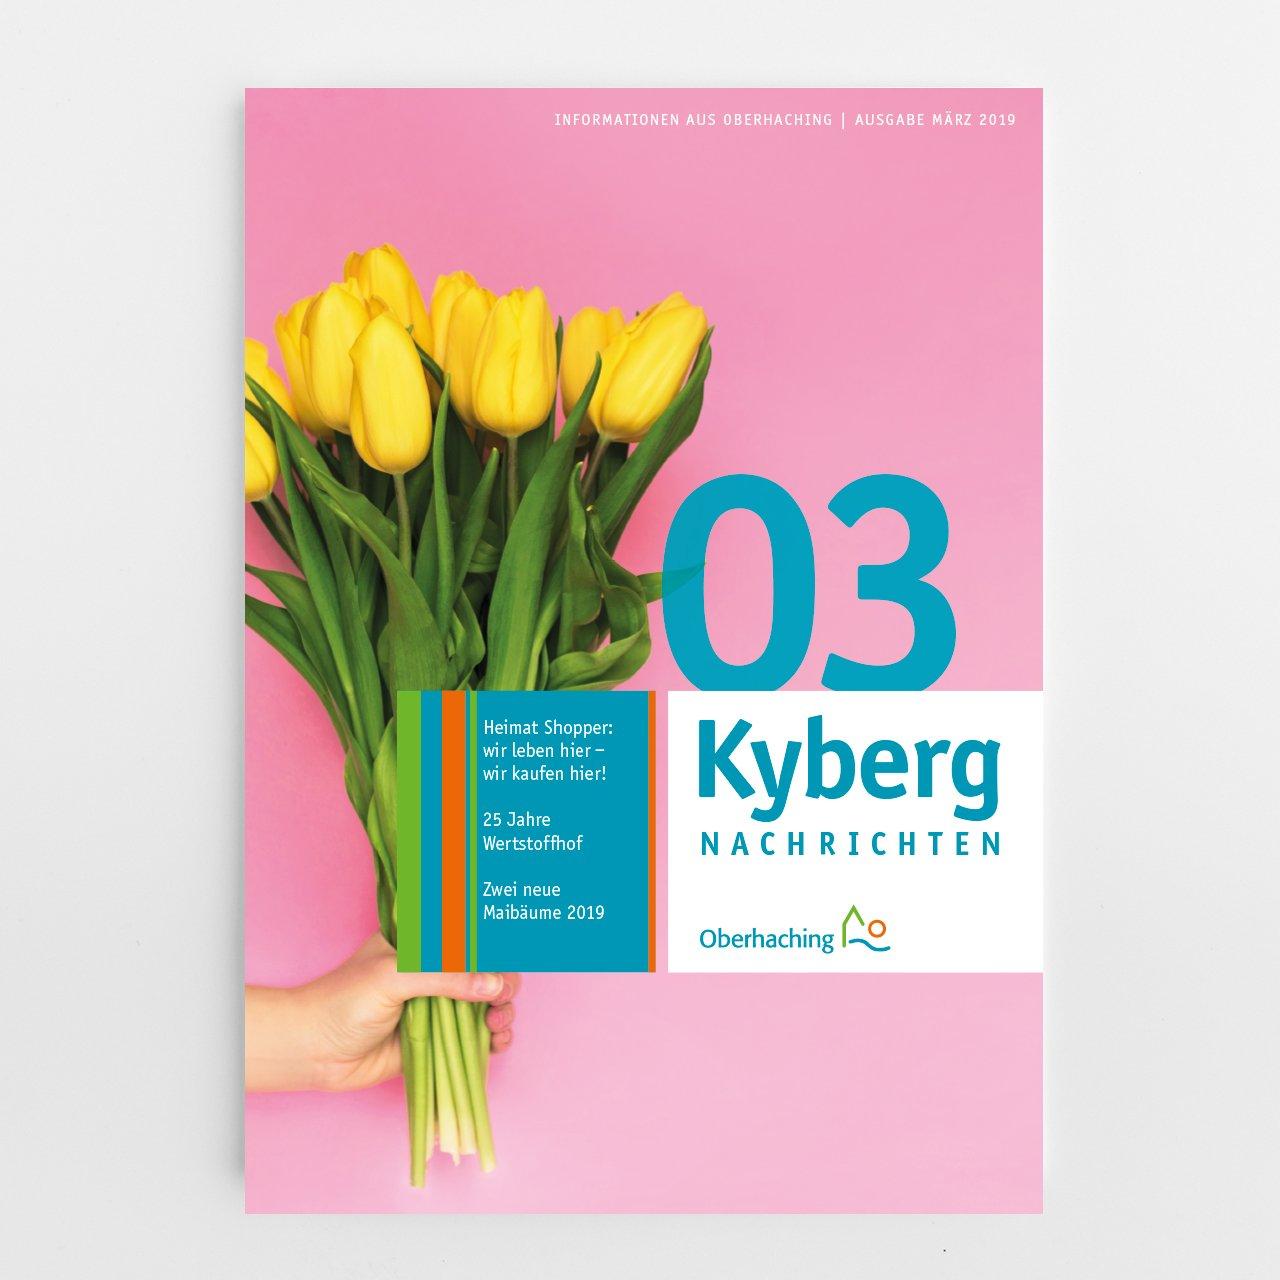 Kybergnachrichten_03/19